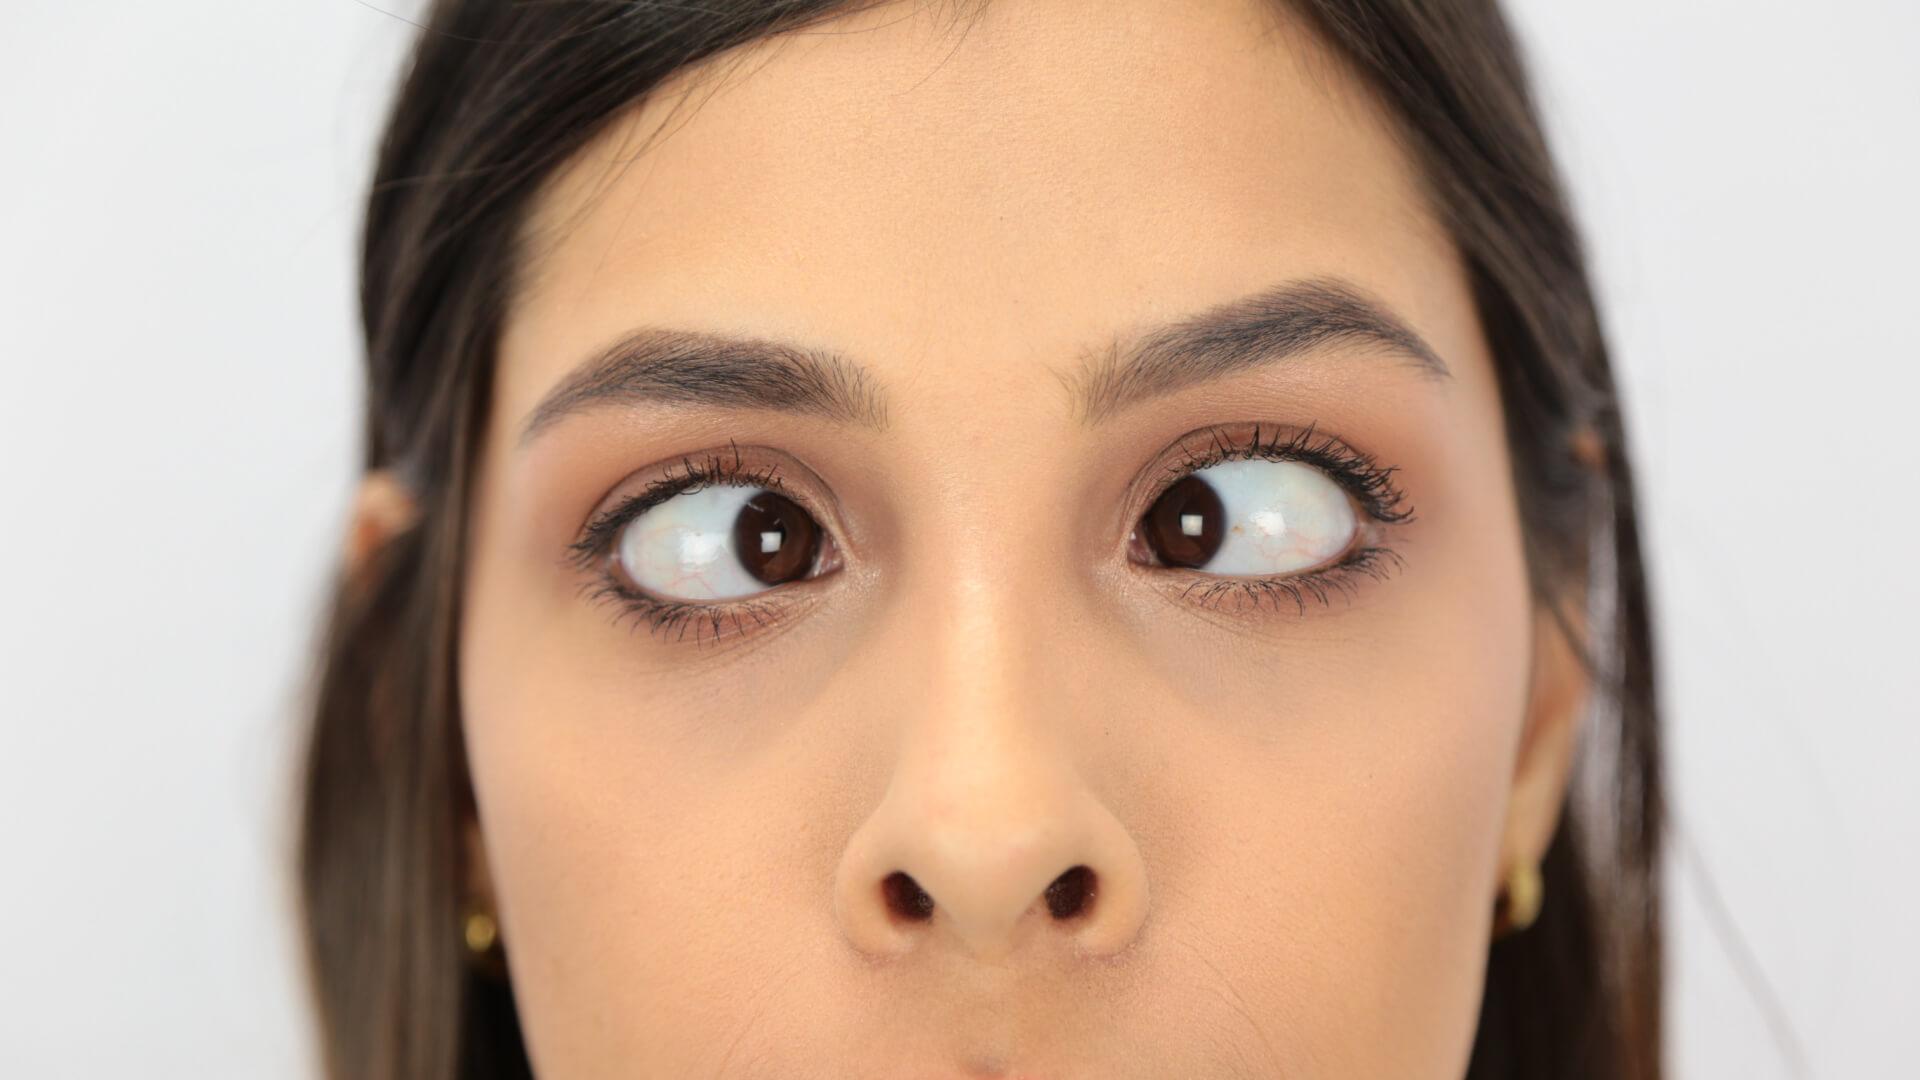 Sideways viewing eye excercises